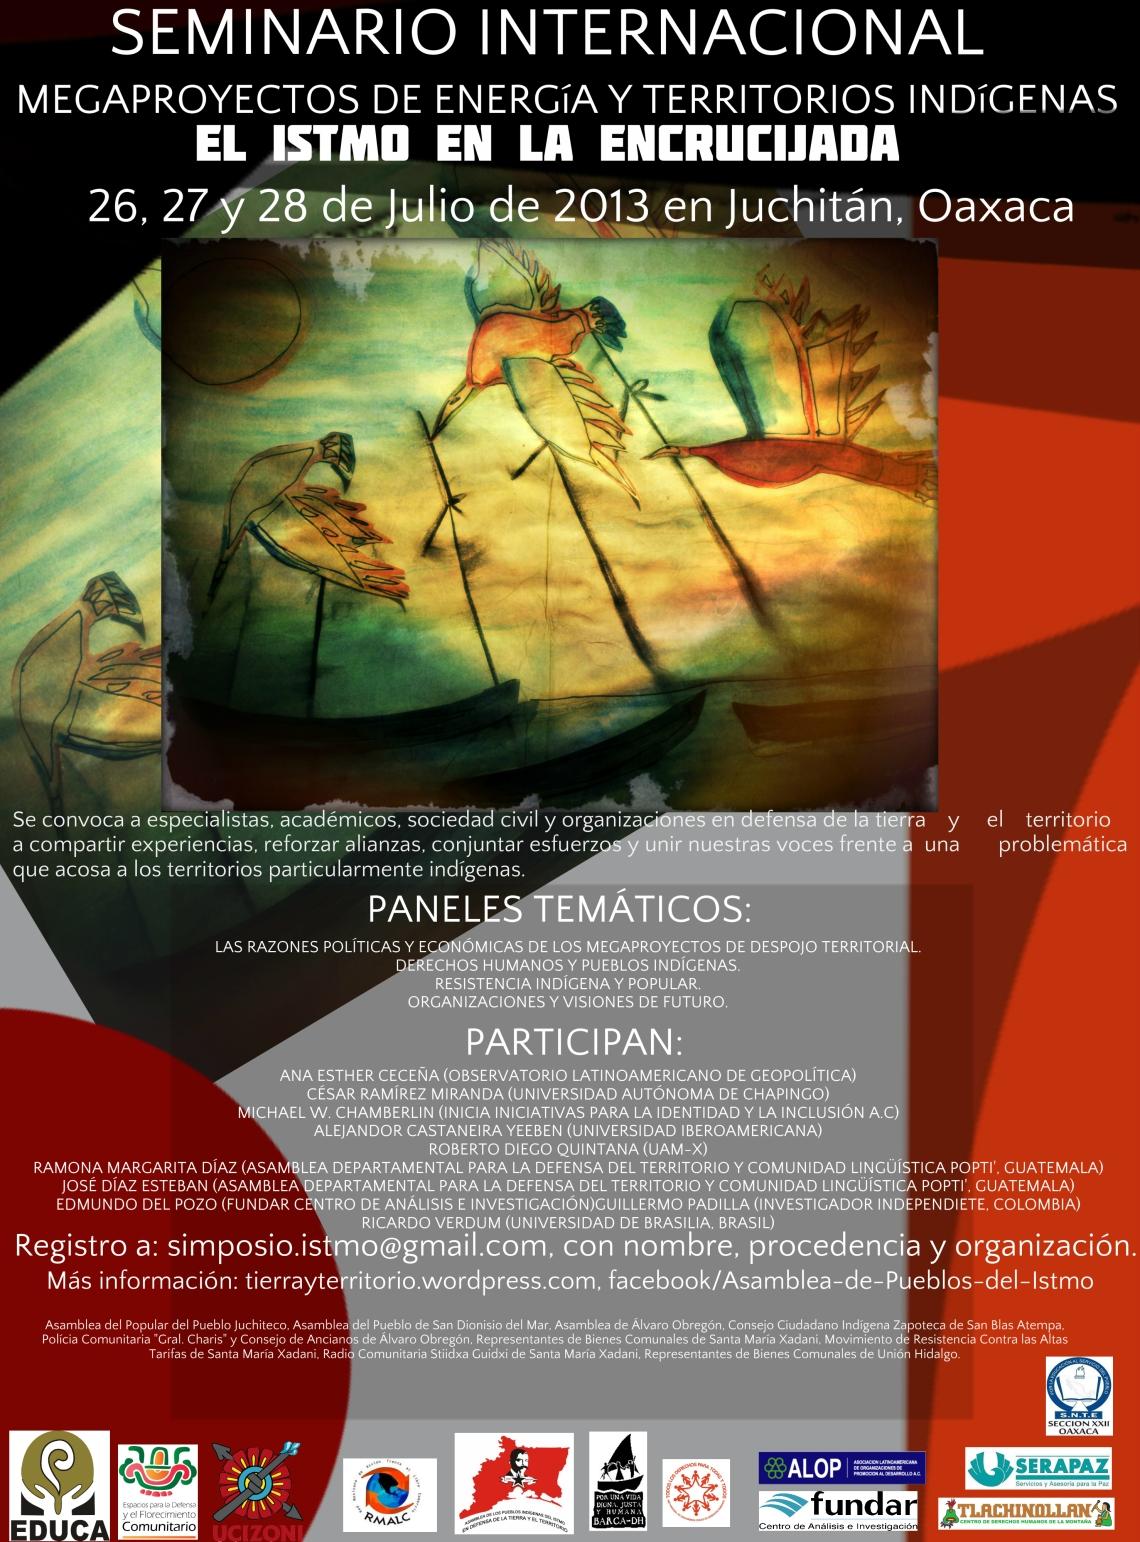 Seminario Internacional EL ISTMO EN LA ENCRUCIJADA